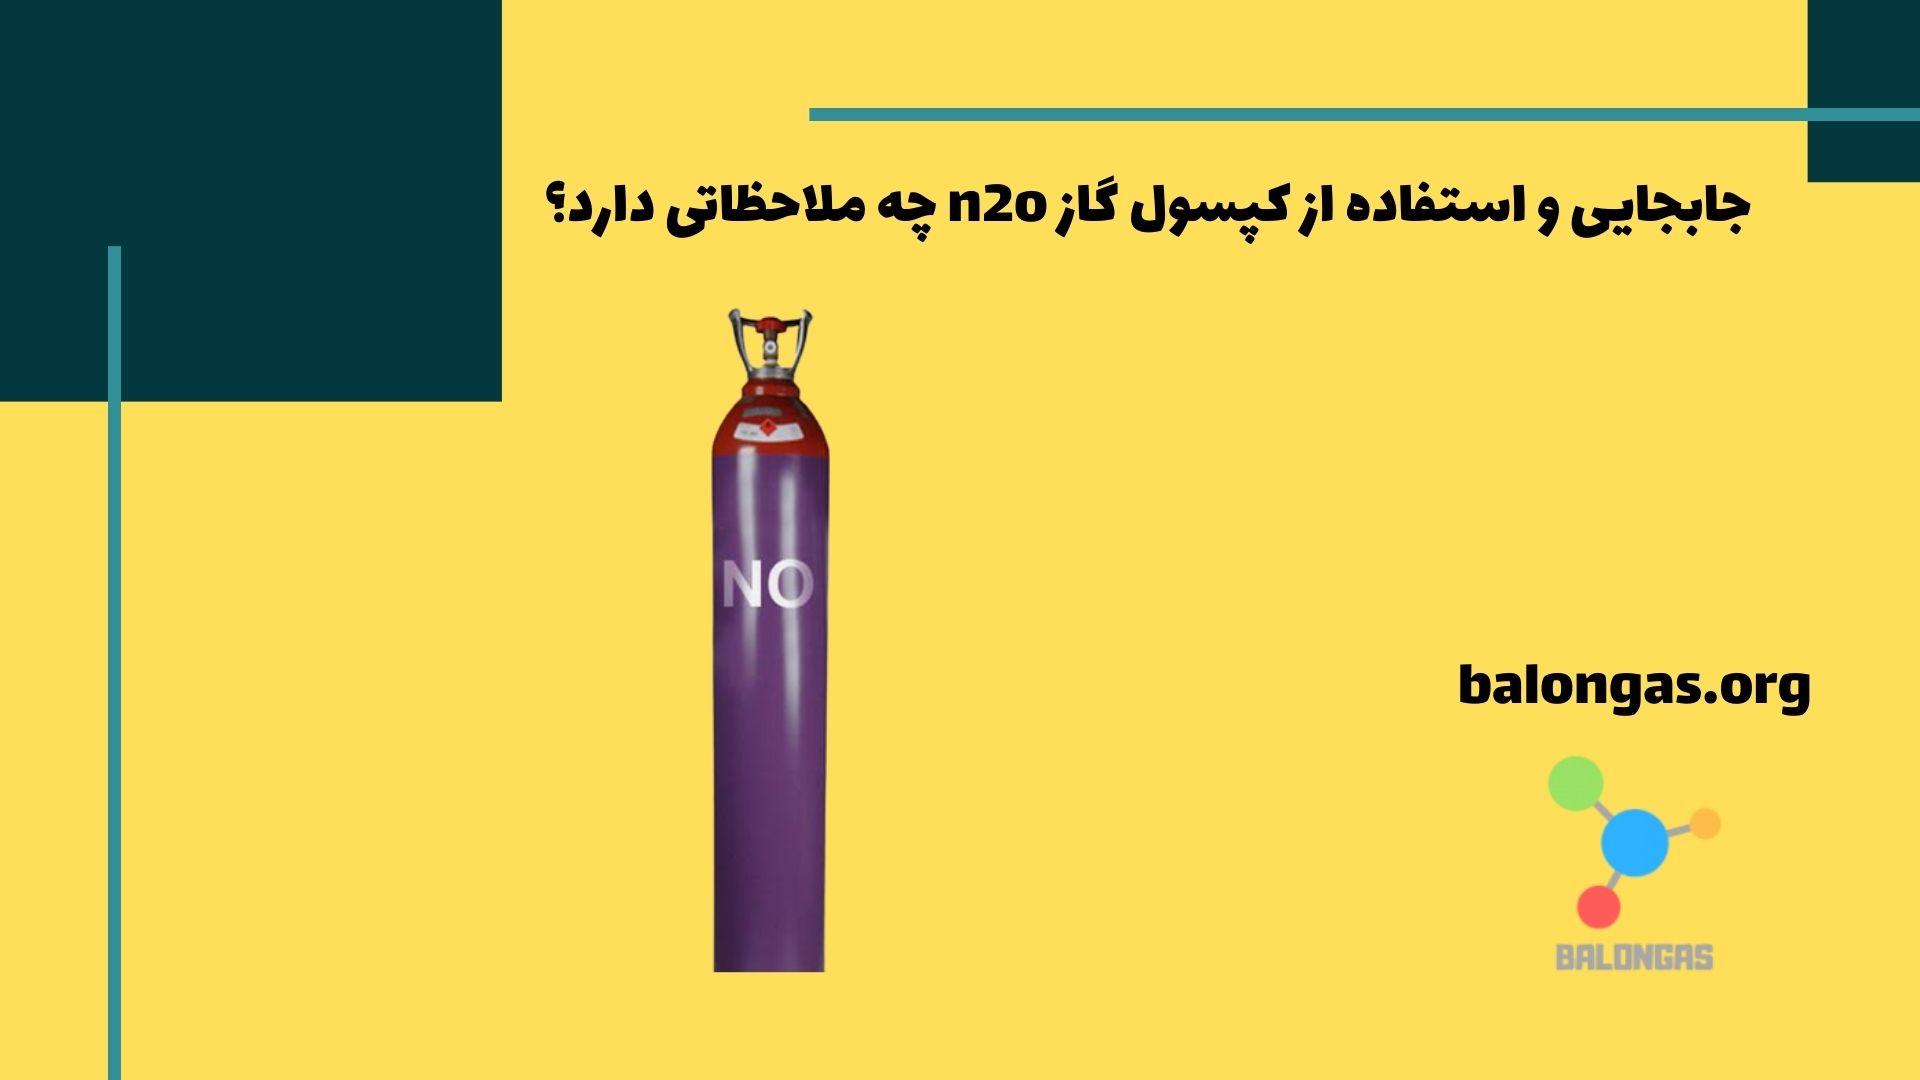 جابجایی و استفاده از کپسول گاز n2o چه ملاحظاتی دارد؟